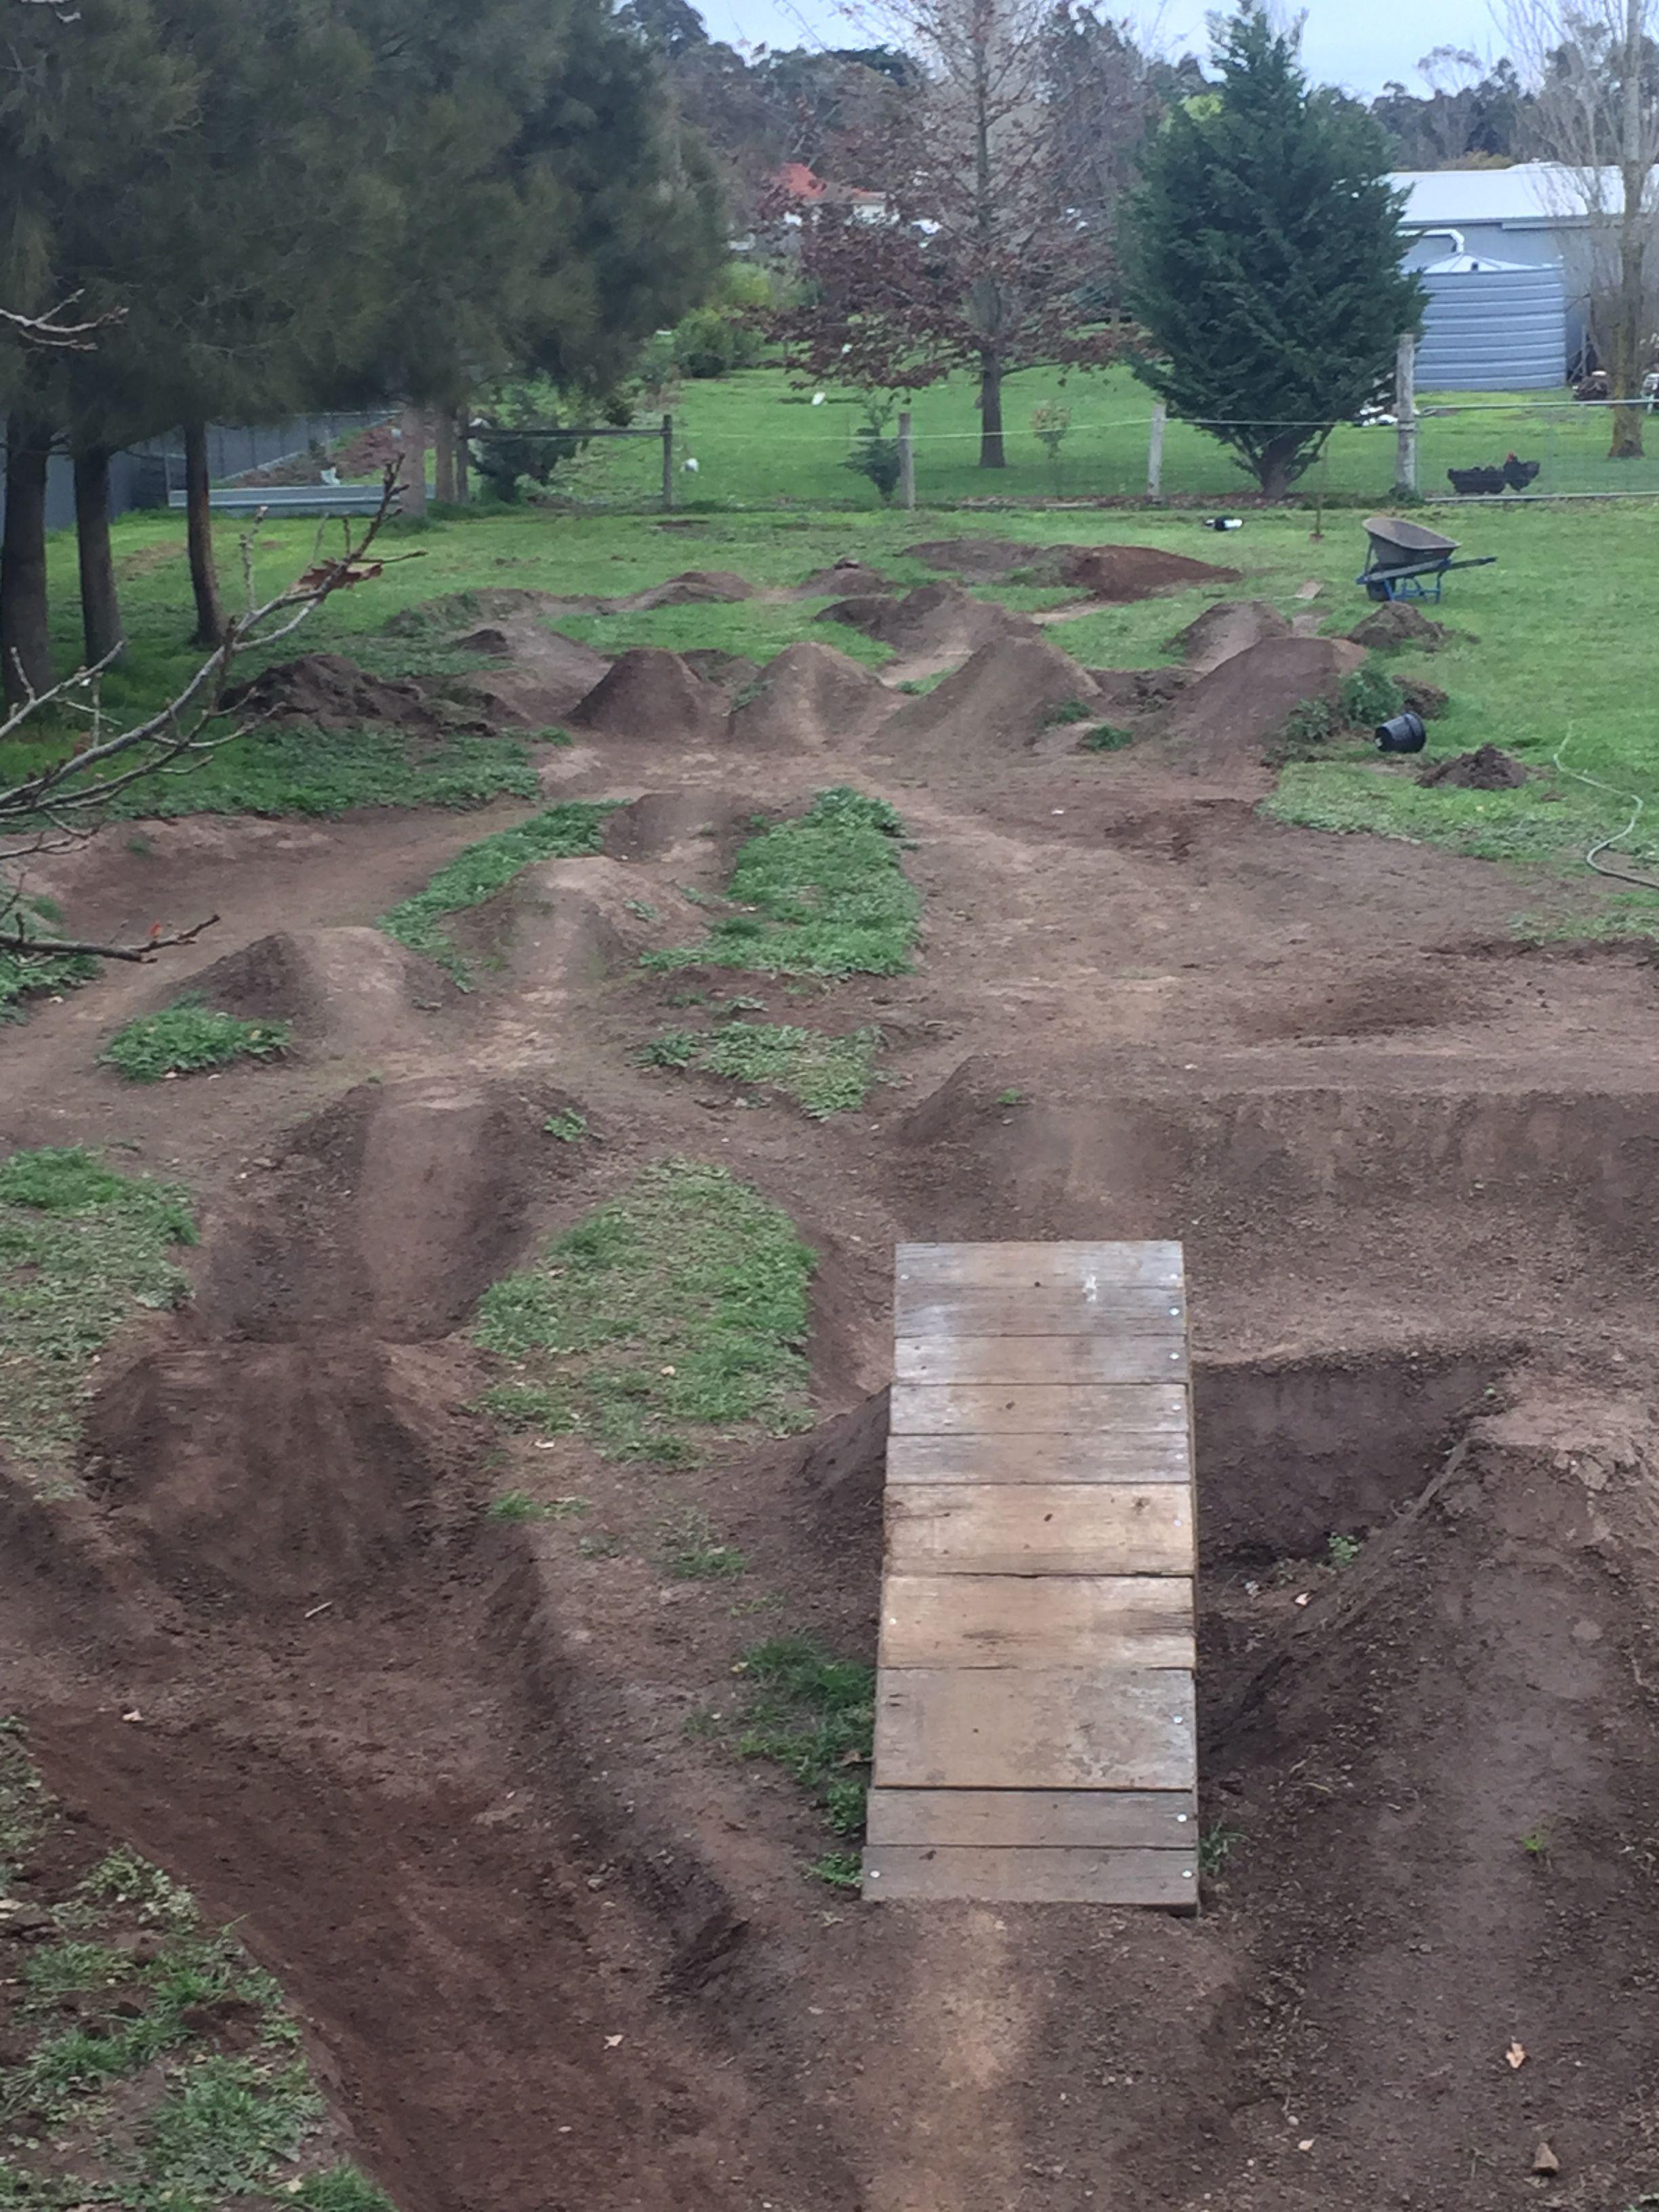 My Track At Home Coming Together Well In 2020 Dirt Bike Track Kids Bike Track Bmx Mountain Bike Mini backyard motocross track